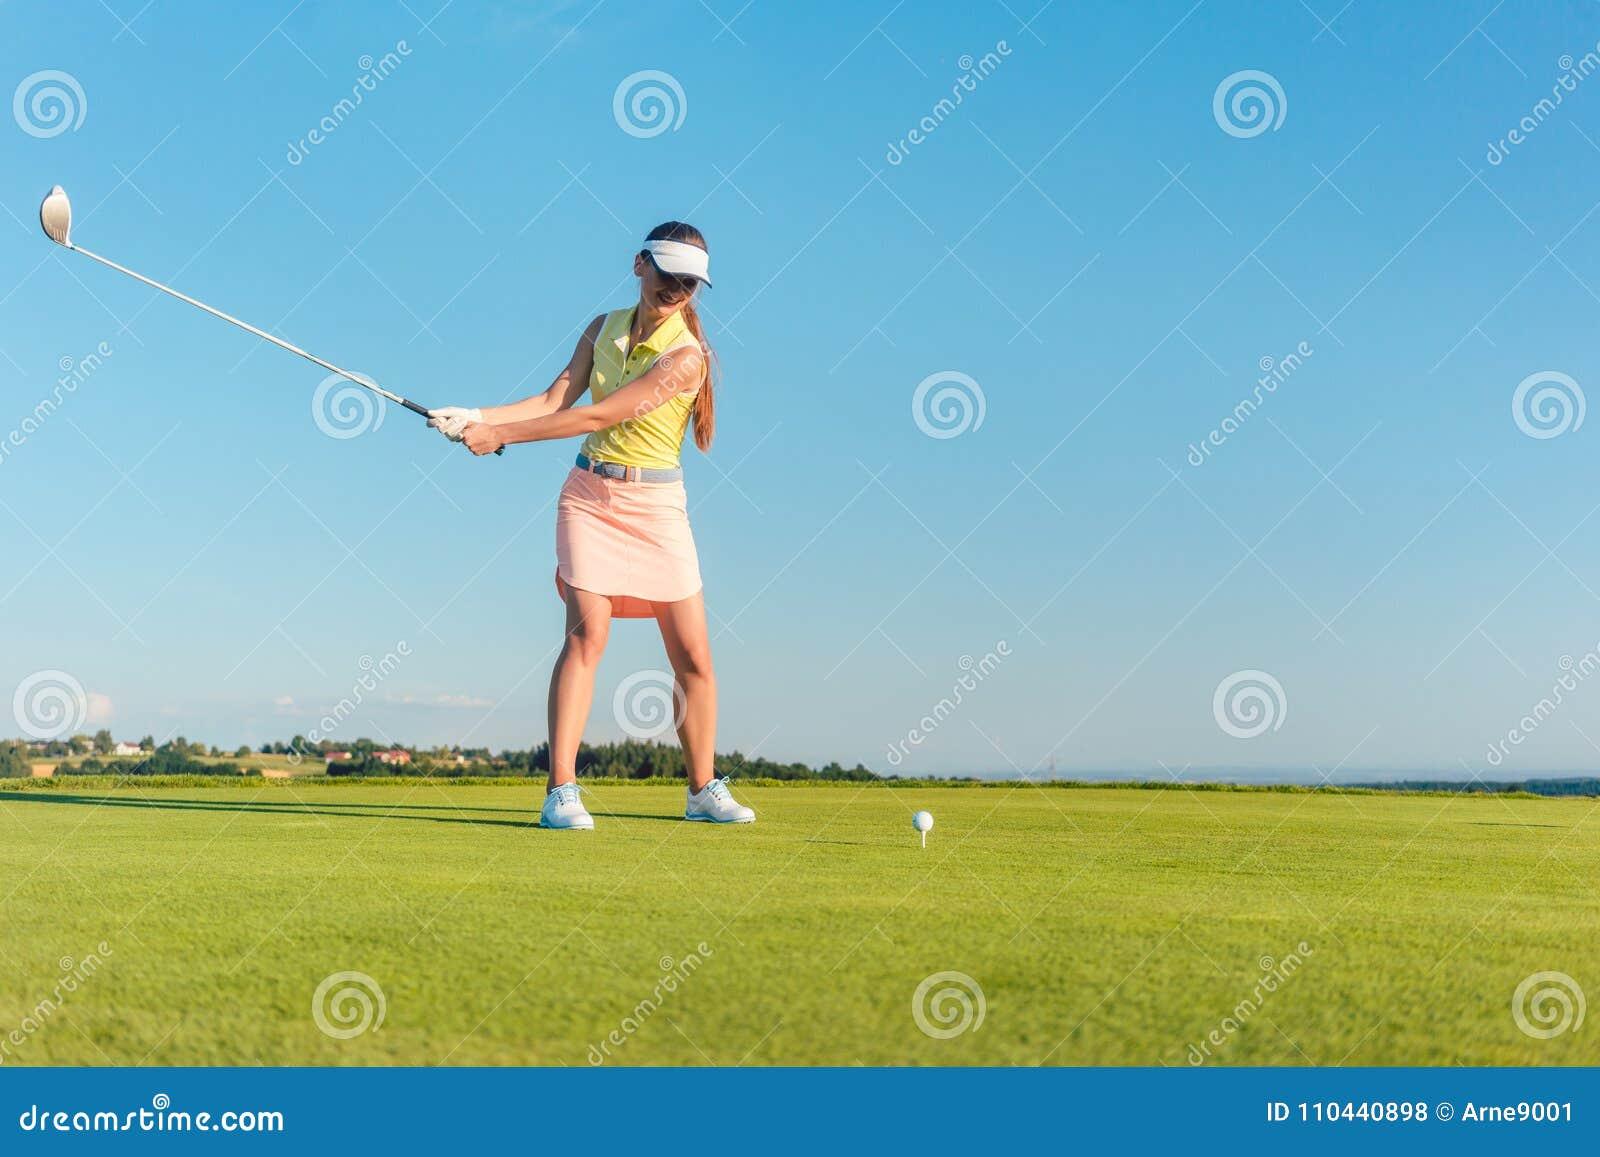 Professioneller weiblicher lächelnder Golfspieler beim Schwingen eines Fahrerclubs